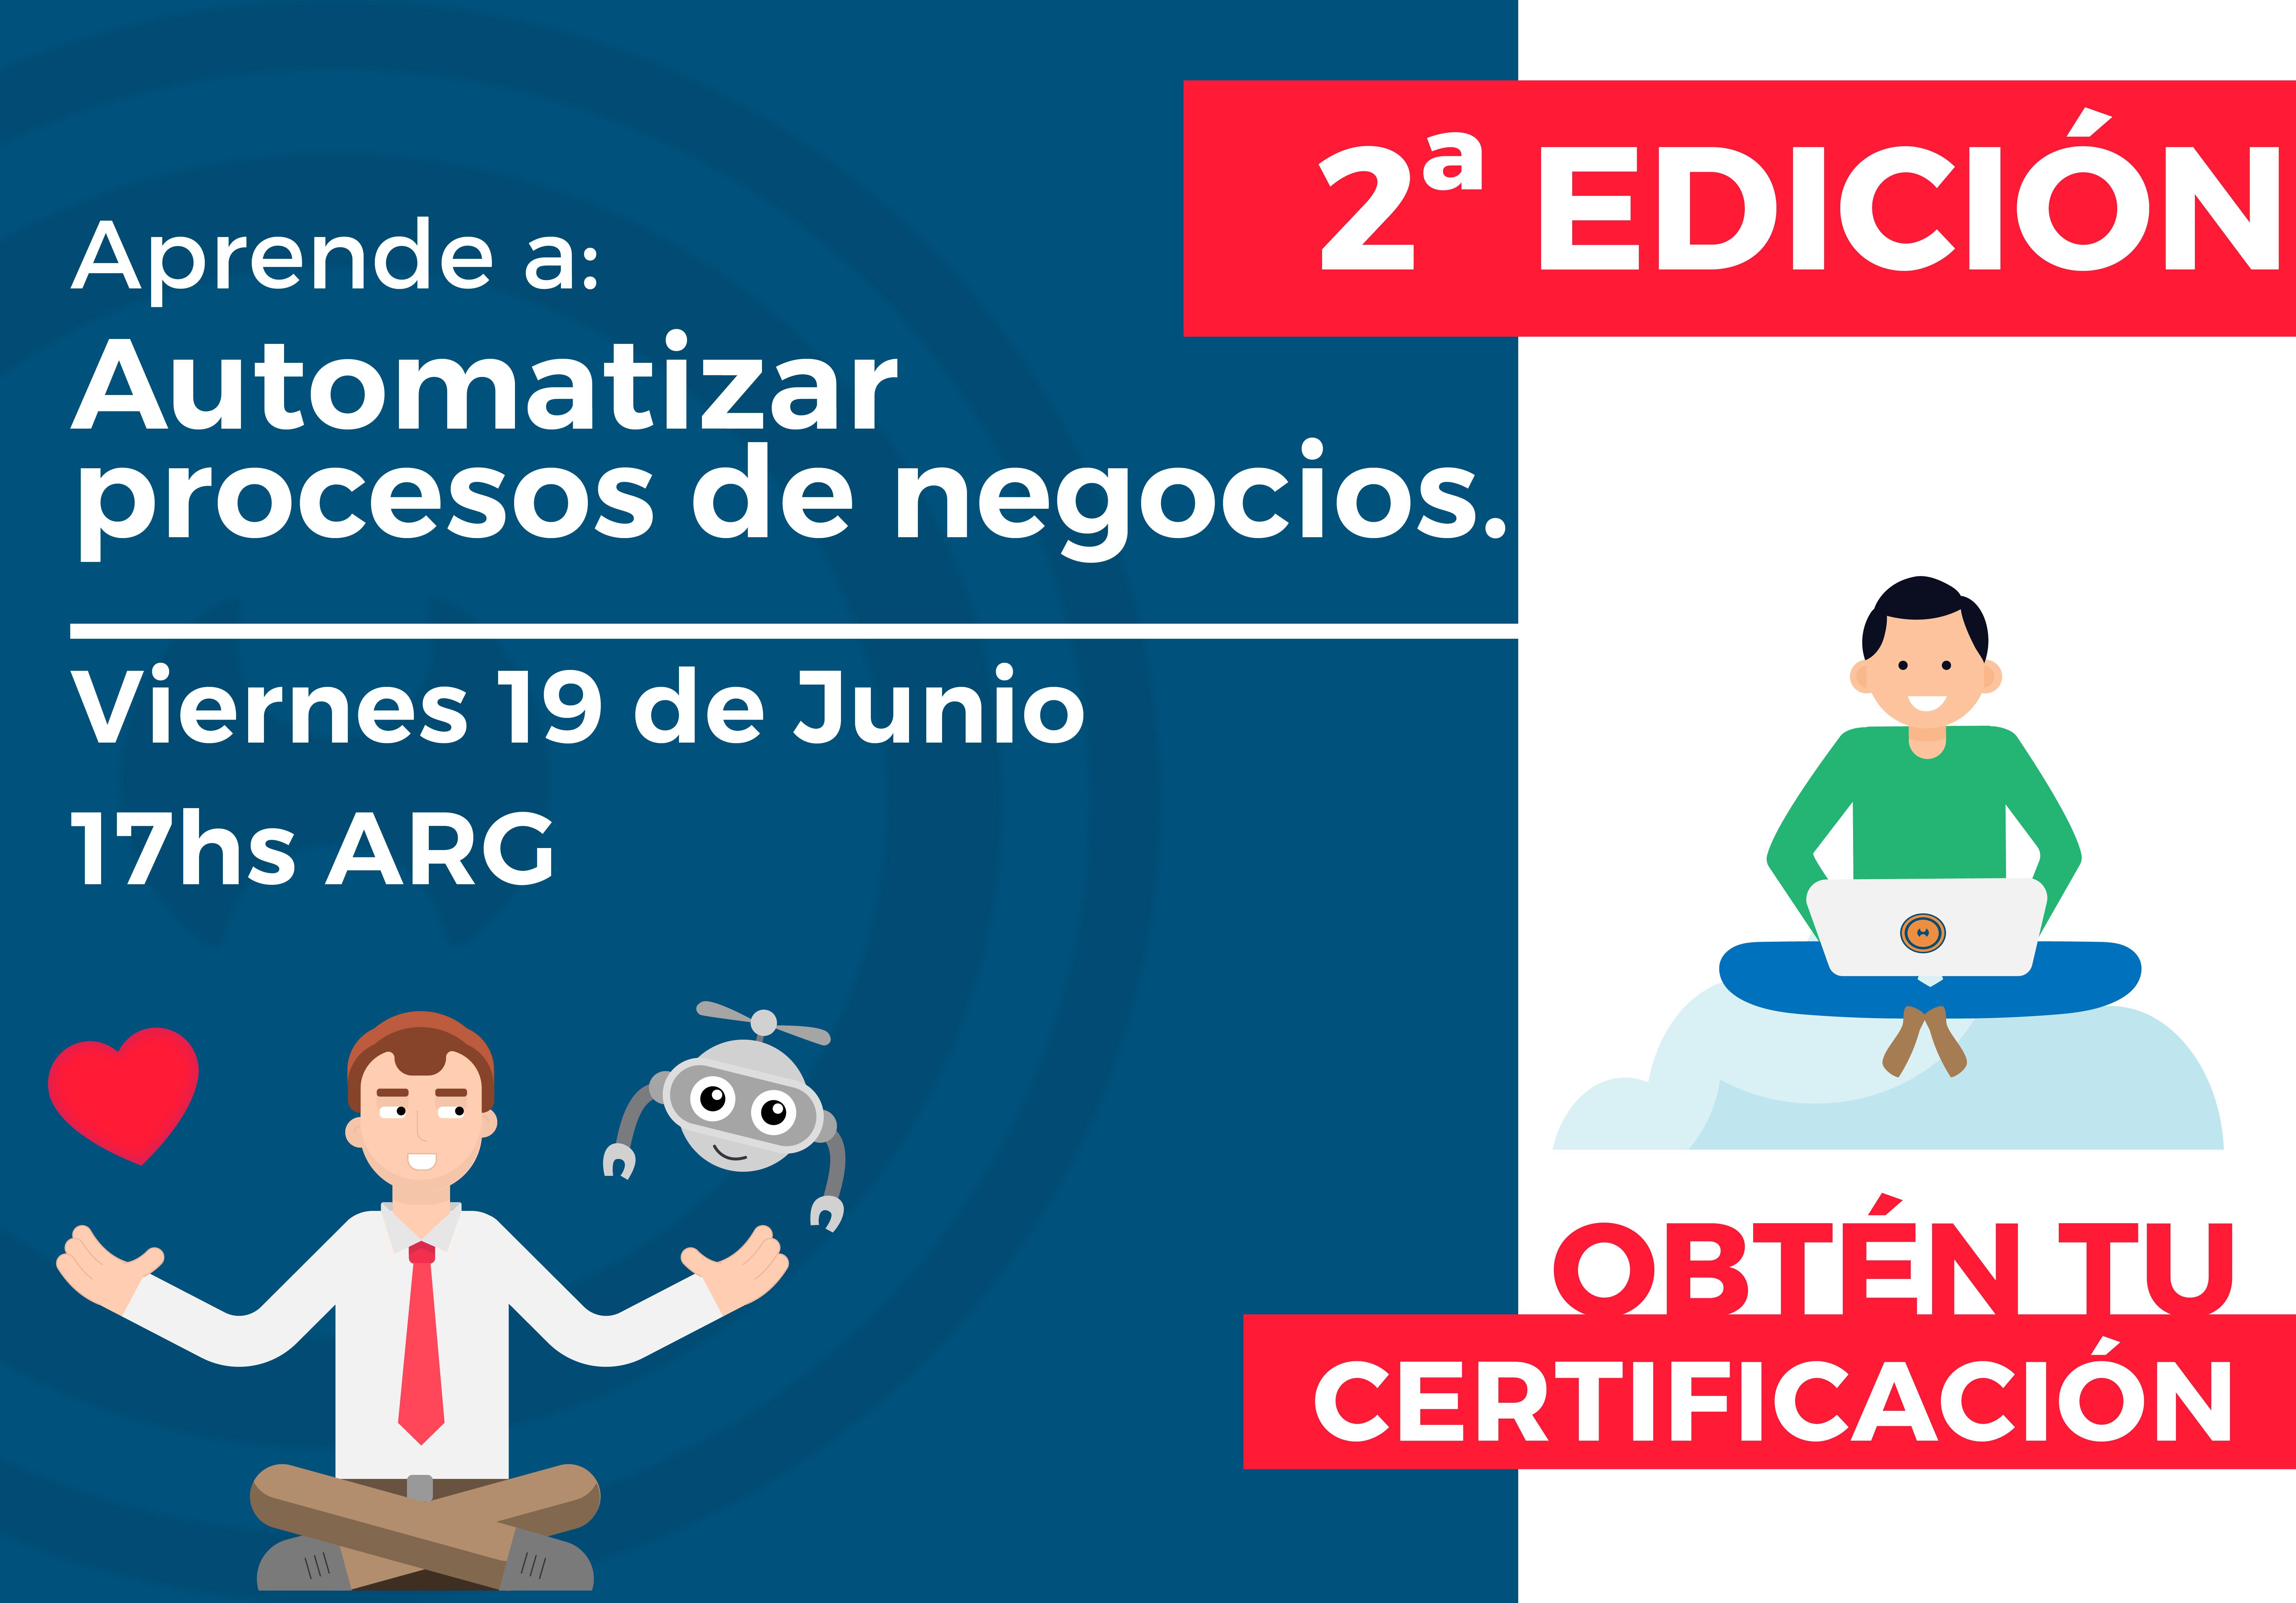 Comunicación-capacitaciones_19-06_Aprende a automatizar procesos de negocios-capacitación_eventos-blog